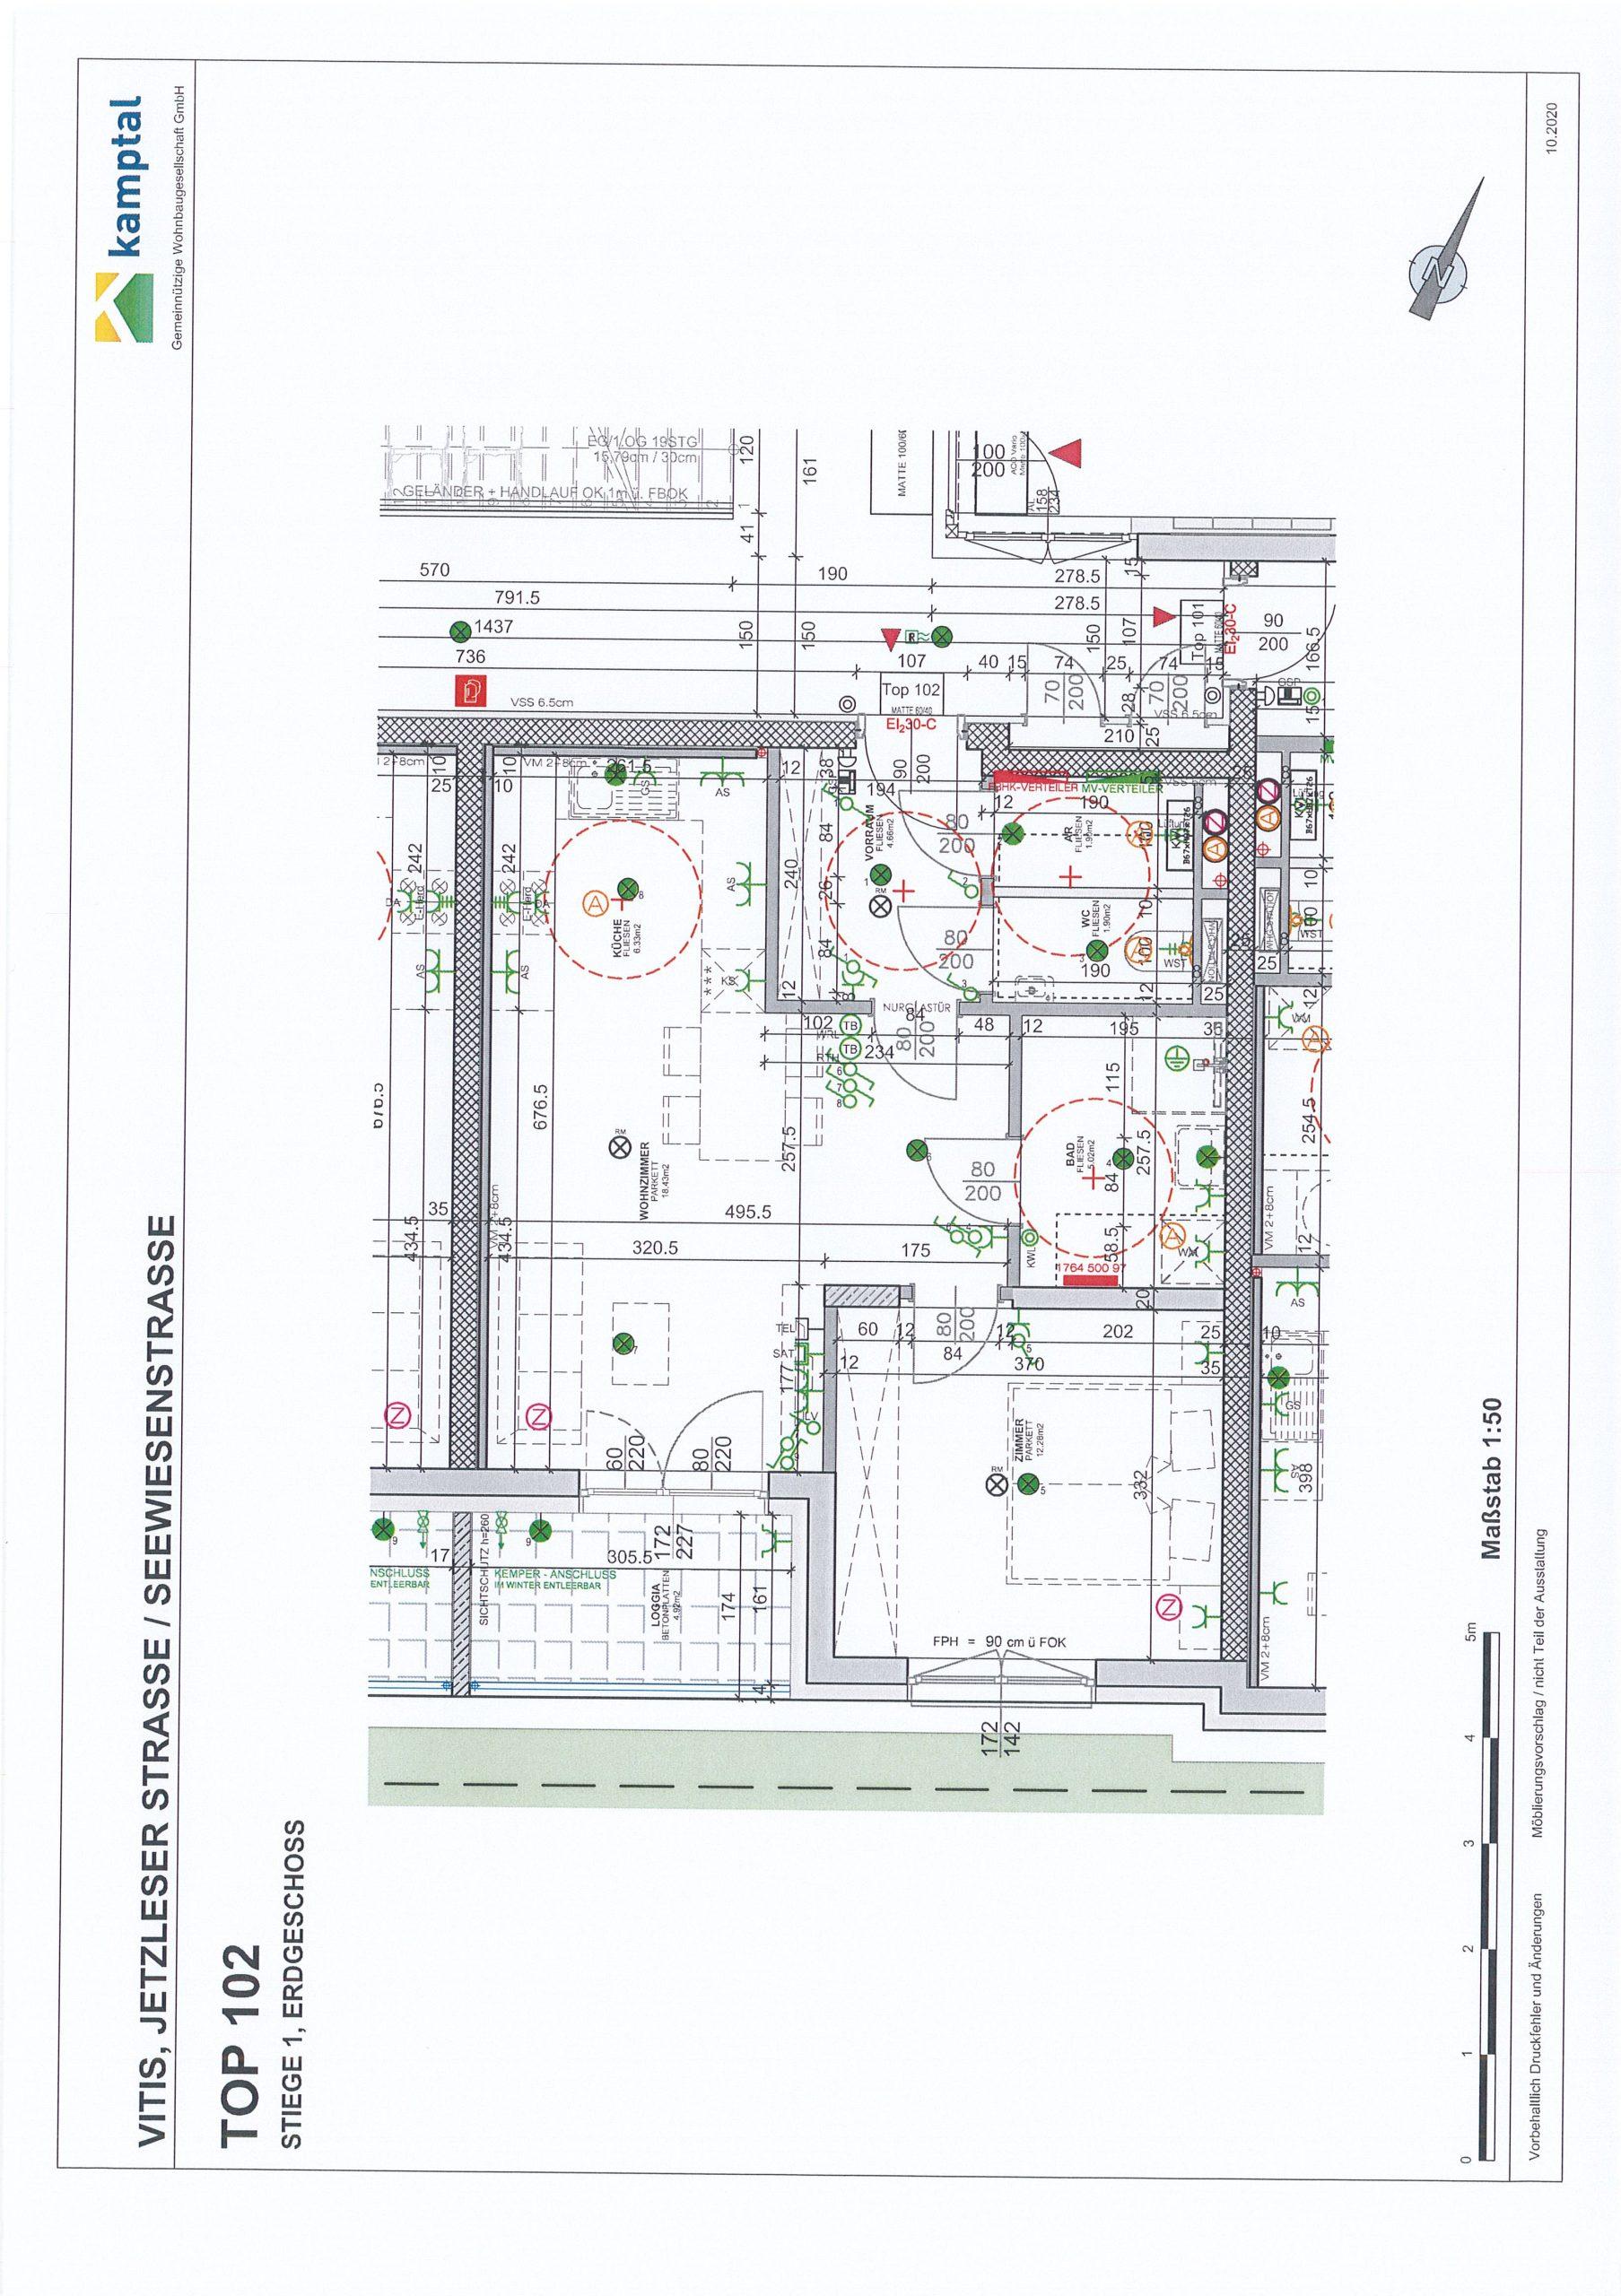 Immobilie von Kamptal in 3902 Vitis, Waidhofen an der Thaya, Vitis I - Top 102 #0